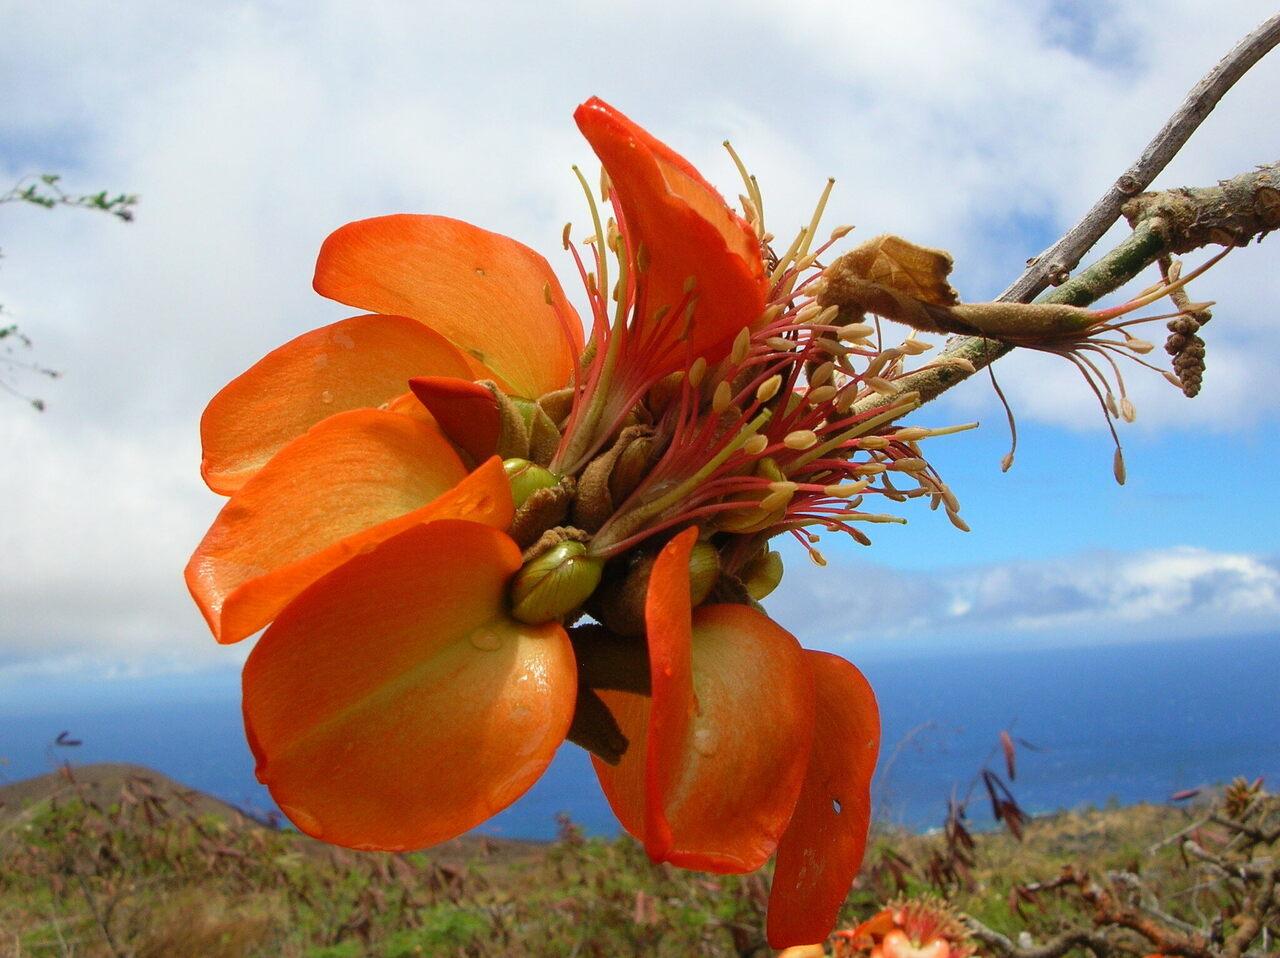 A wiliwili flower in full bloom.